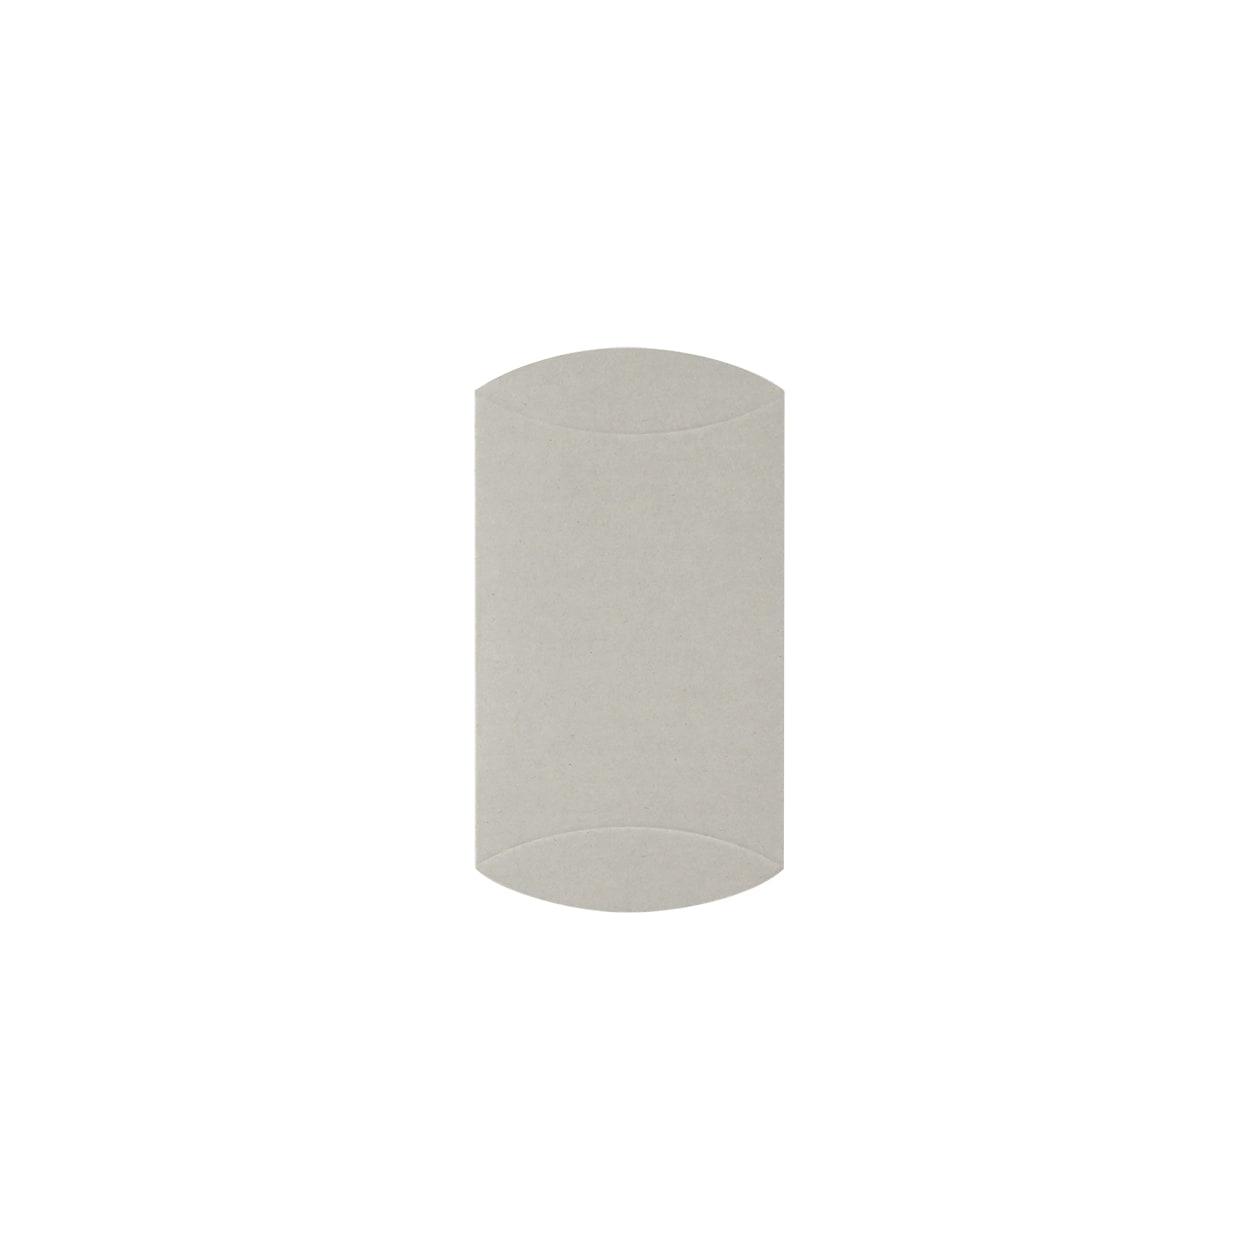 ピローケース75×115×20 ボード紙 グレー 270g